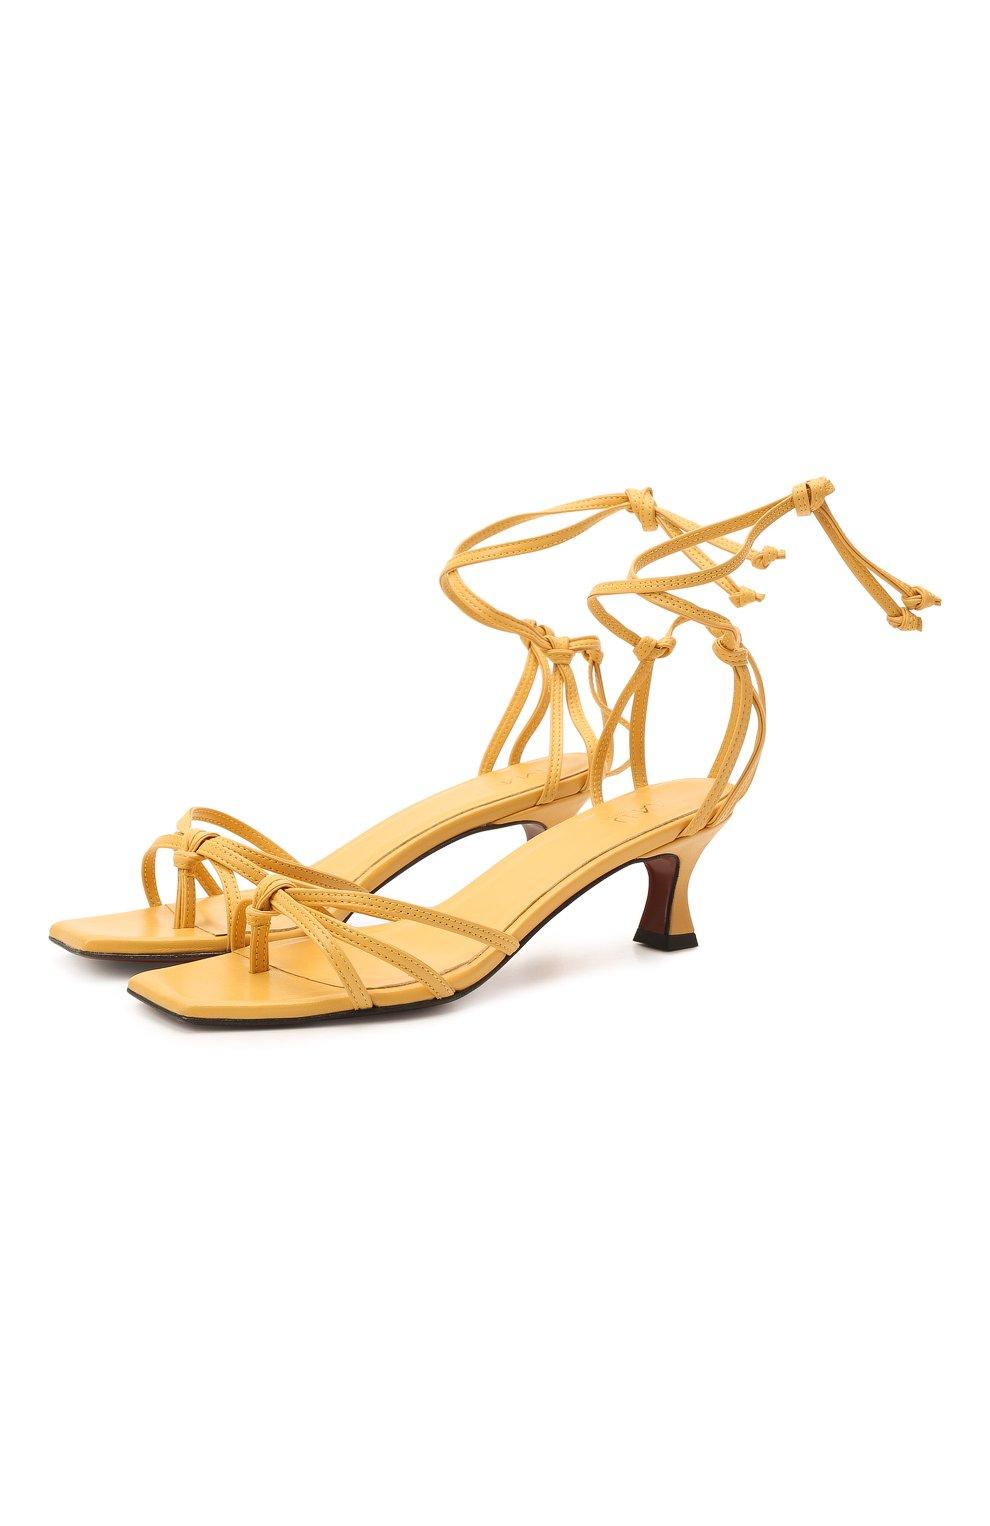 Женские кожаные босоножки MANU ATELIER желтого цвета, арт. 2021140 | Фото 1 (Каблук высота: Низкий; Материал внутренний: Натуральная кожа; Каблук тип: Устойчивый; Подошва: Плоская)